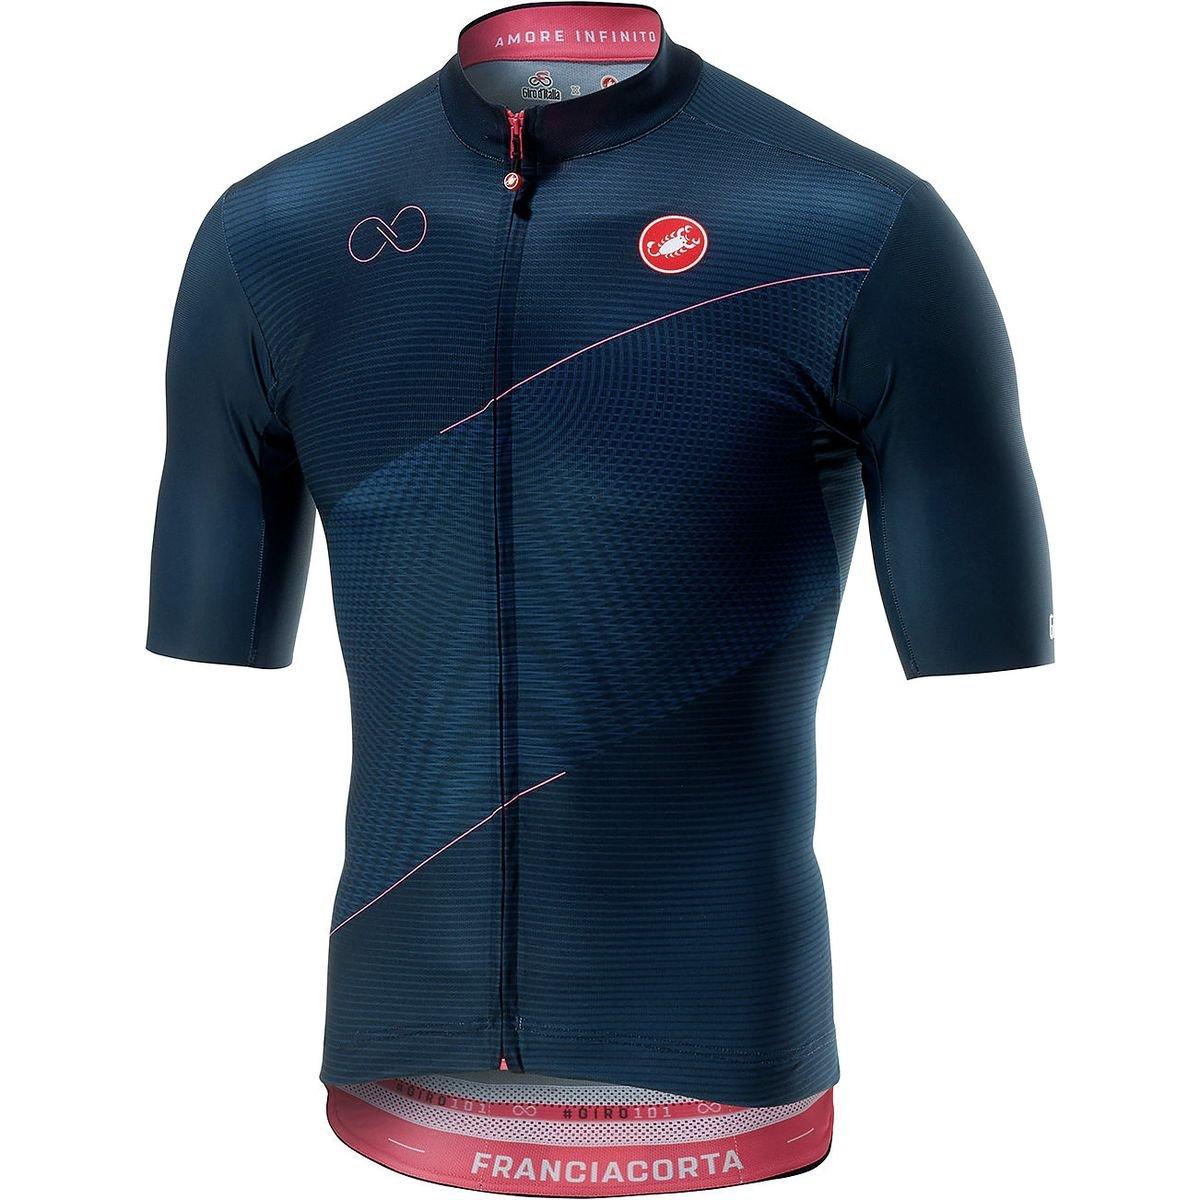 Castelli FranciacortaフルジップJersey – Men 's B07CYQZ81Q XXX-Large|Blu Scuro Blu Scuro XXX-Large